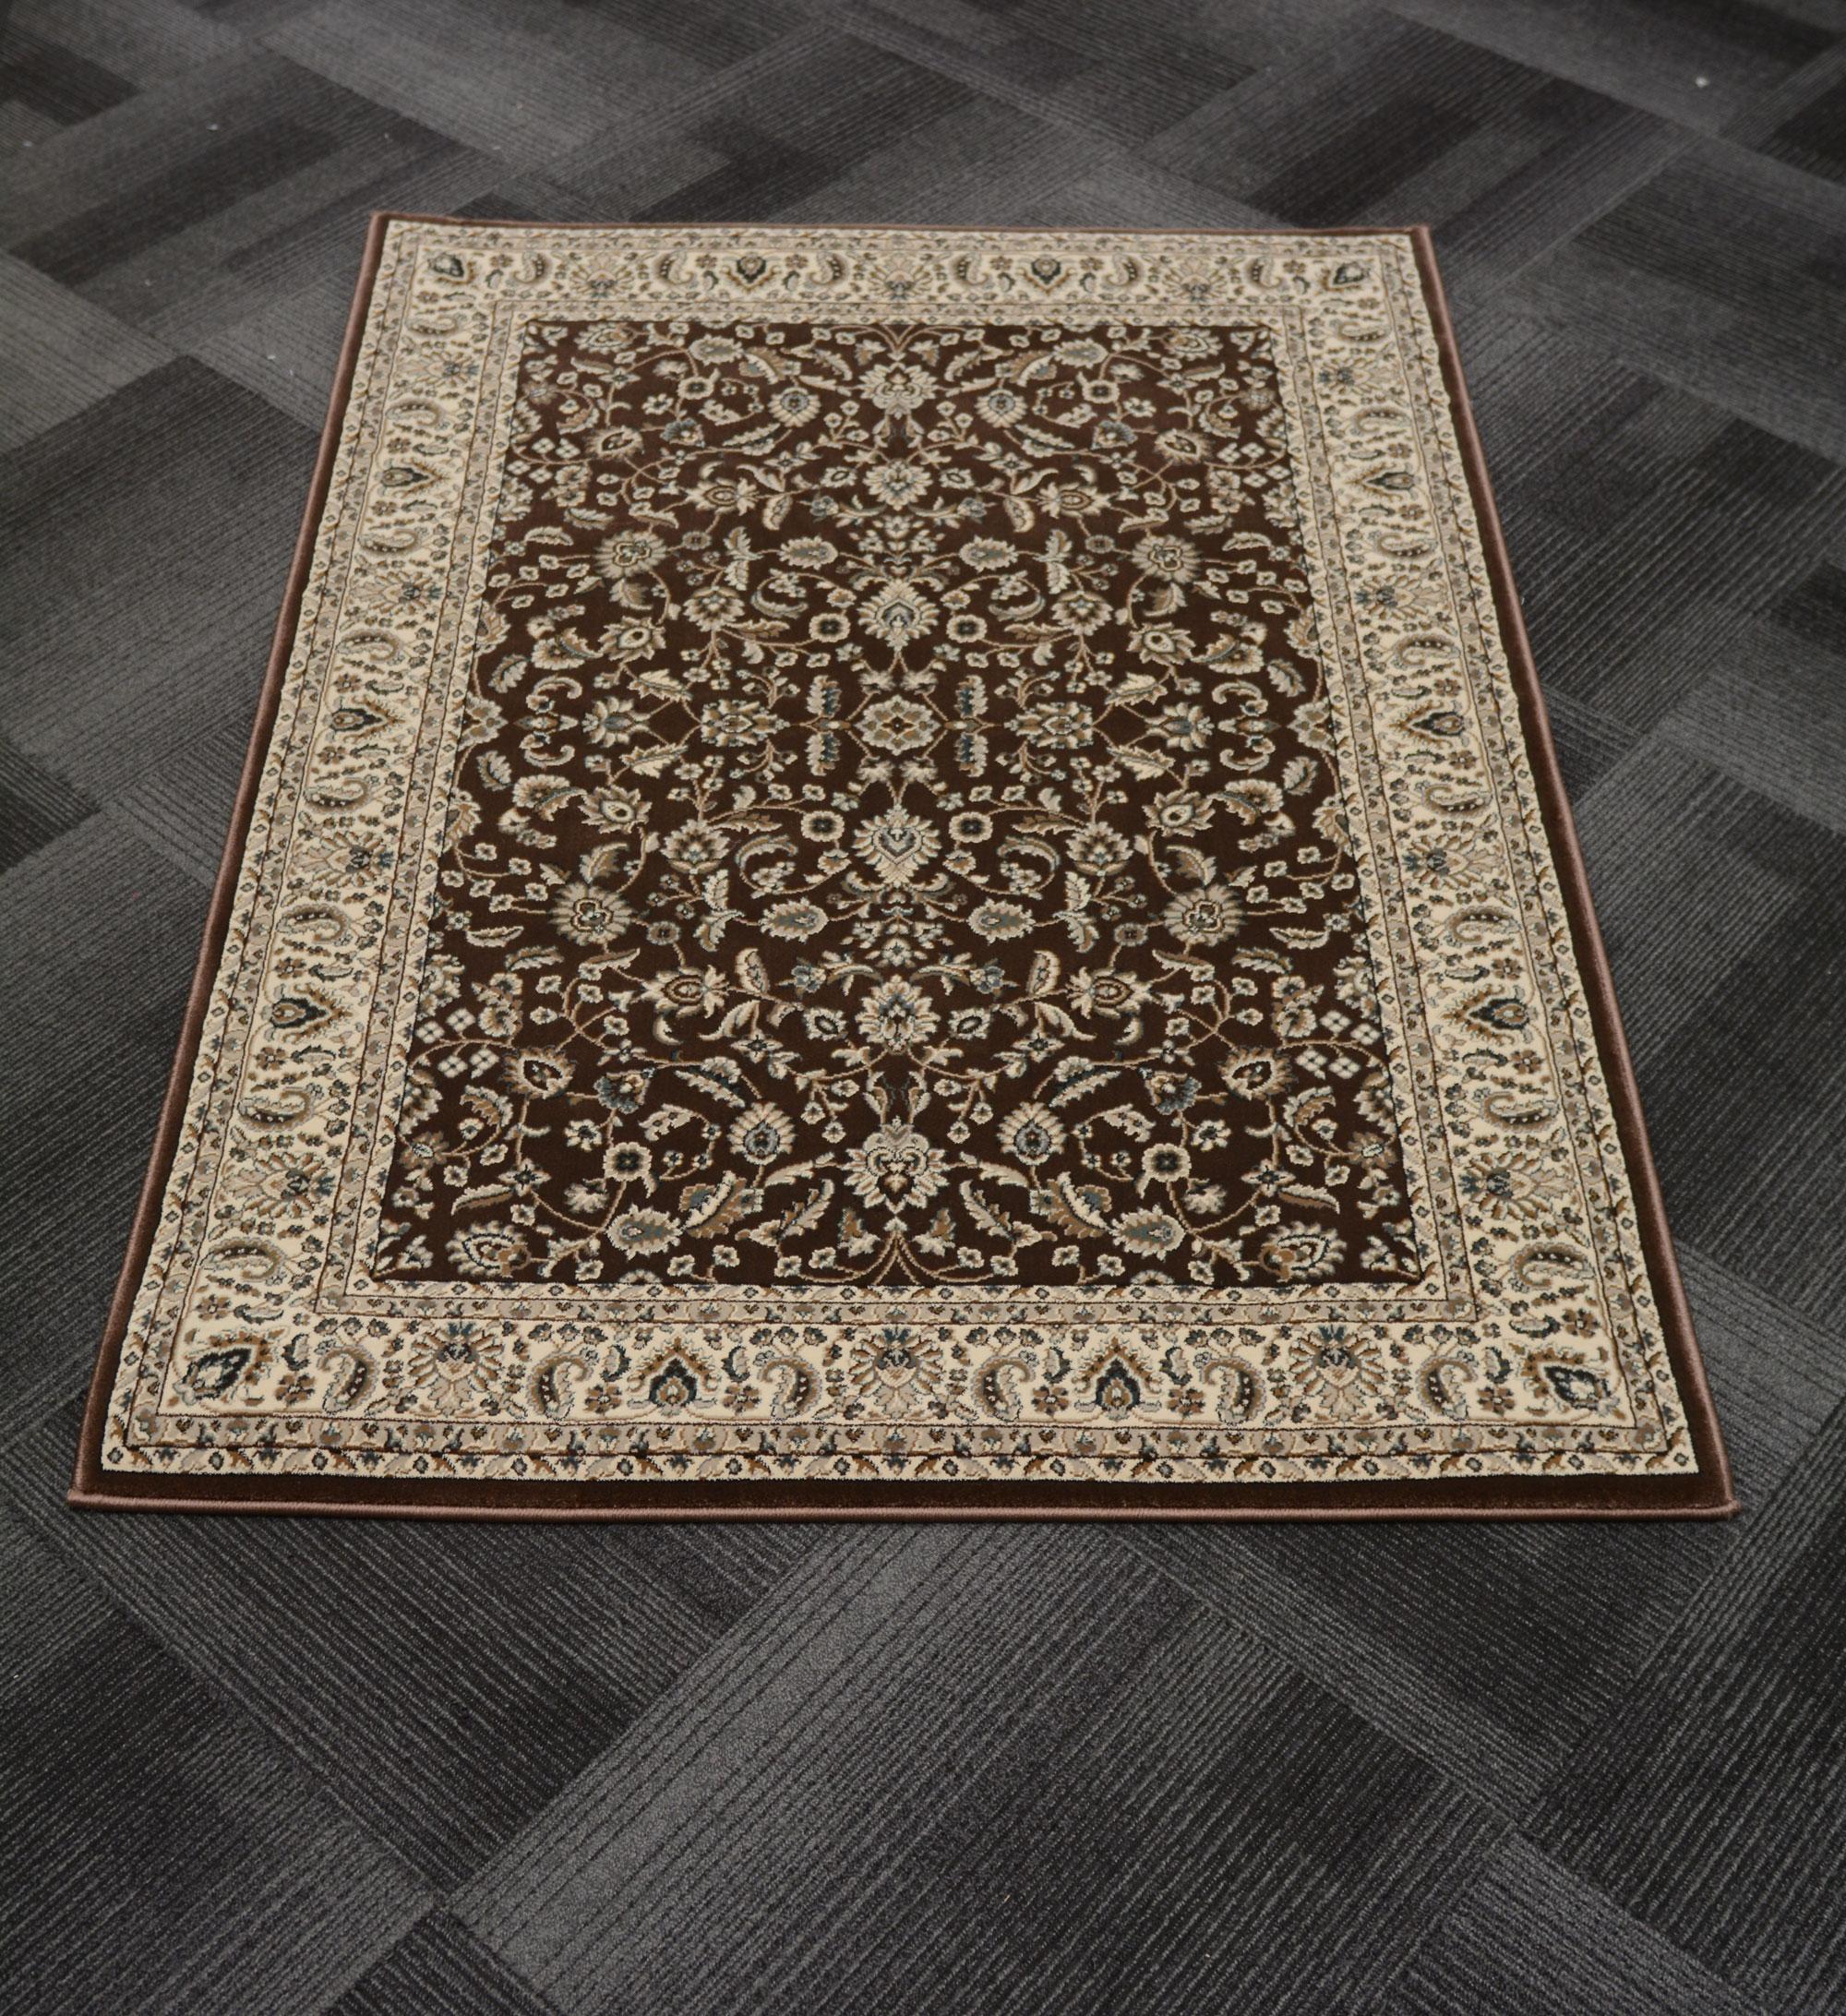 Rug 61 Carpet Shop Carpet Suppliers Carpet Fitters